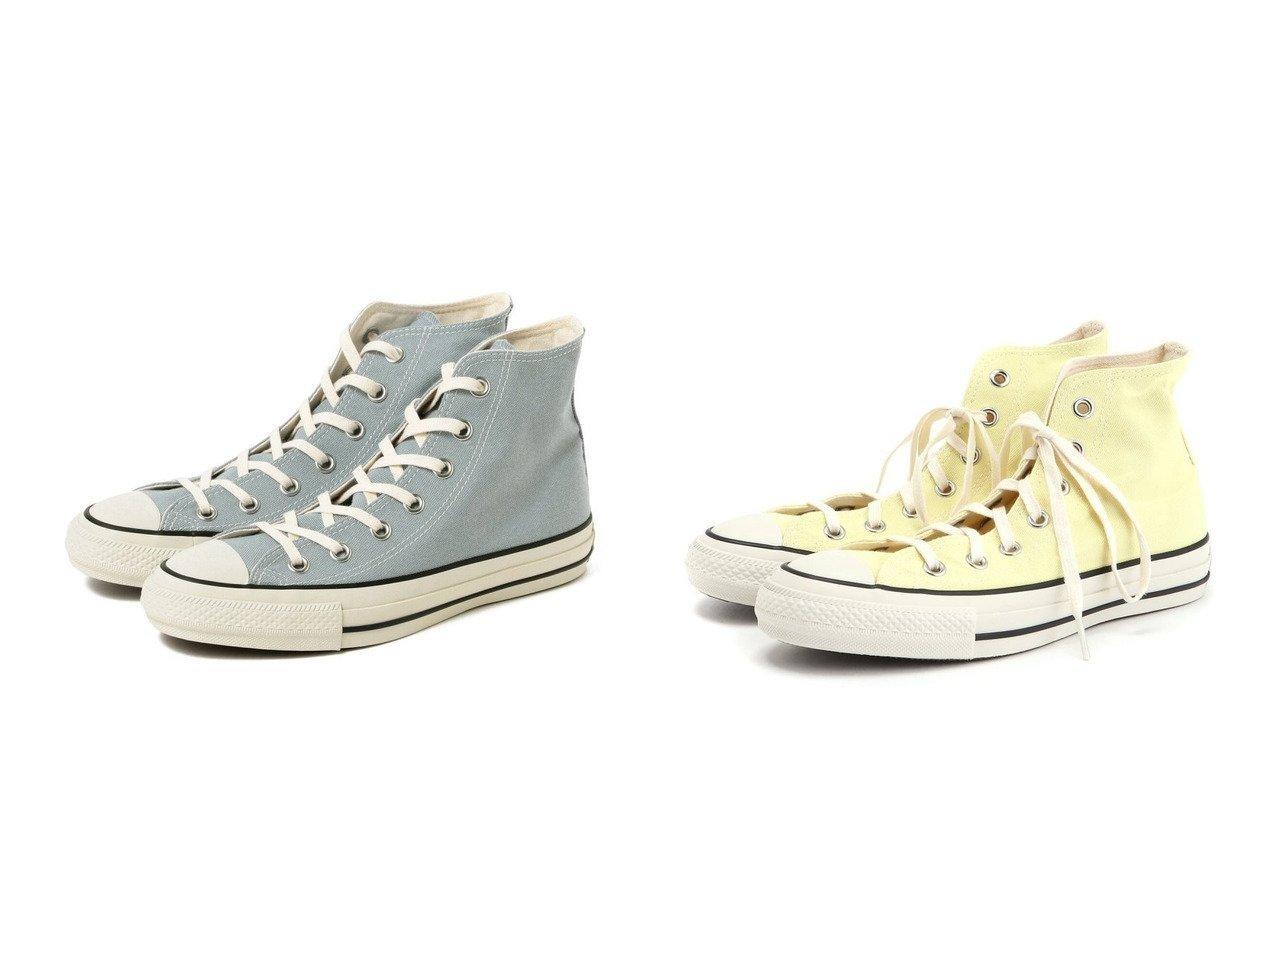 【CONVERSE/コンバース】のCONVERSE ALL STAR PET-CANVAS HI&【Ray BEAMS/レイ ビームス】の【WEB限定】 ALL STAR PET-CANVAS HI シューズ・靴のおすすめ!人気、トレンド・レディースファッションの通販 おすすめで人気の流行・トレンド、ファッションの通販商品 メンズファッション・キッズファッション・インテリア・家具・レディースファッション・服の通販 founy(ファニー) https://founy.com/ ファッション Fashion レディースファッション WOMEN アウトドア クラシック シューズ スニーカー スリッポン 2021年 2021 S/S 春夏 SS Spring/Summer 2021 春夏 S/S SS Spring/Summer 2021 NEW・新作・新着・新入荷 New Arrivals |ID:crp329100000022544